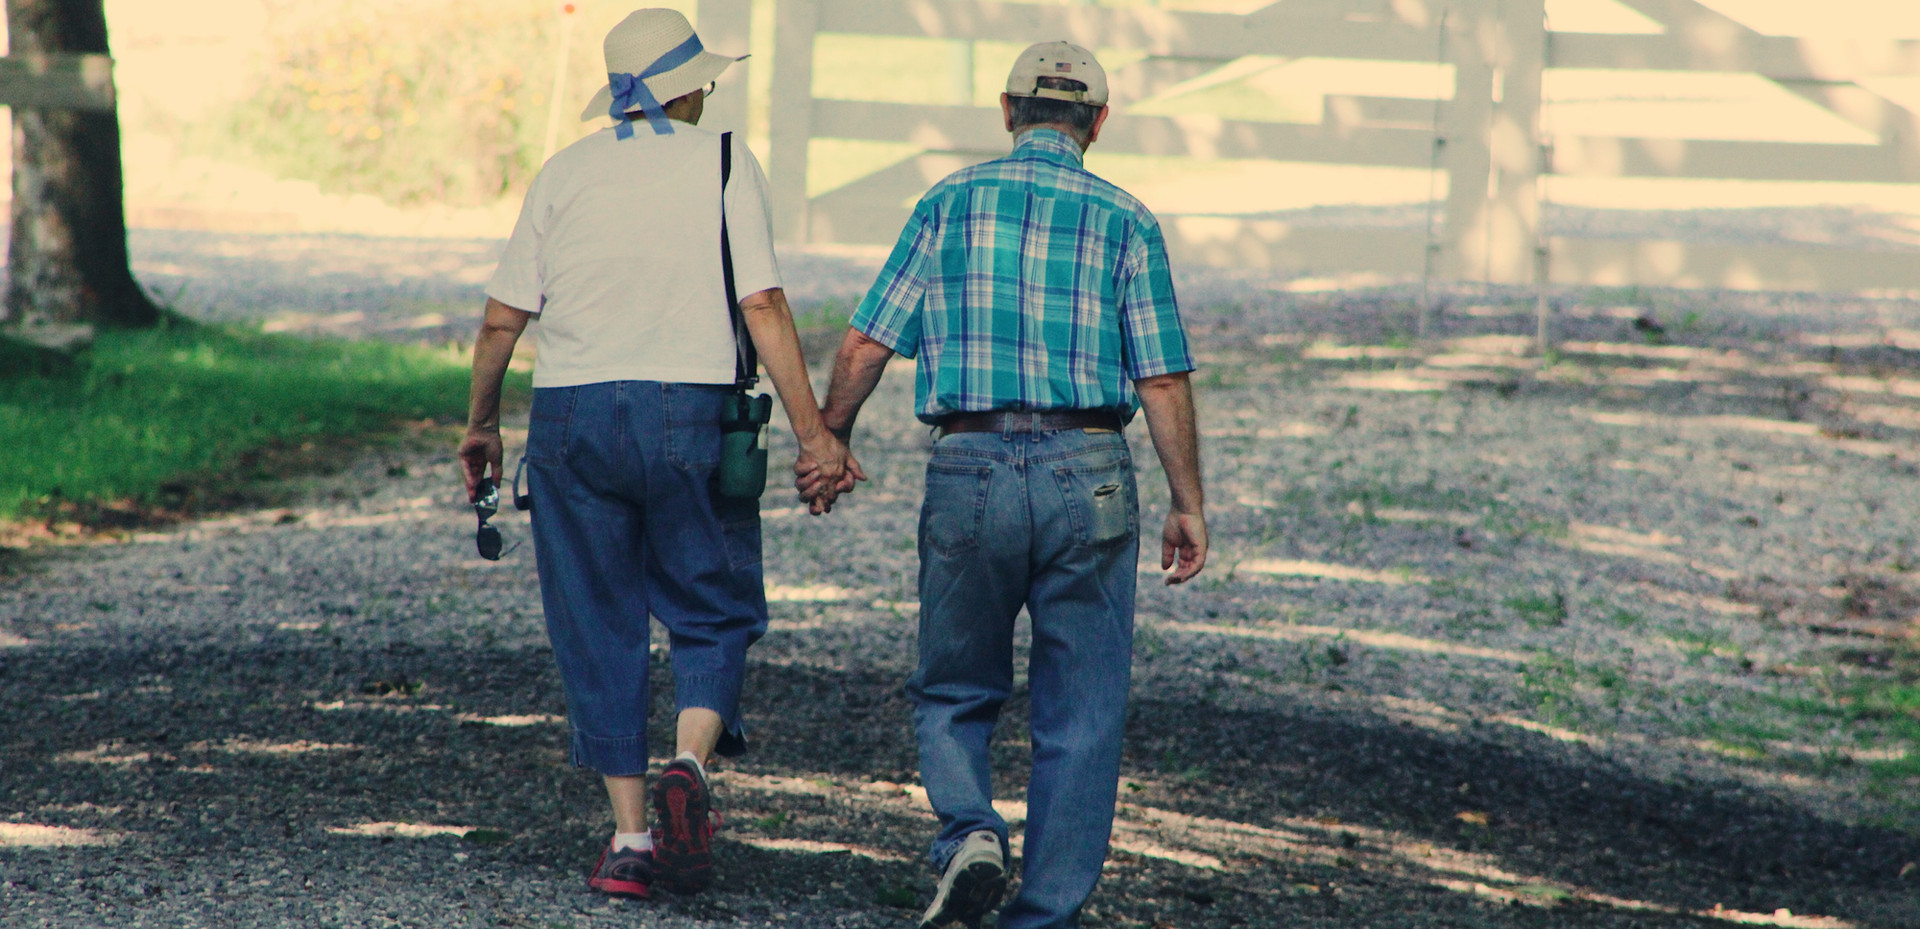 Eldercare in covid-19 times